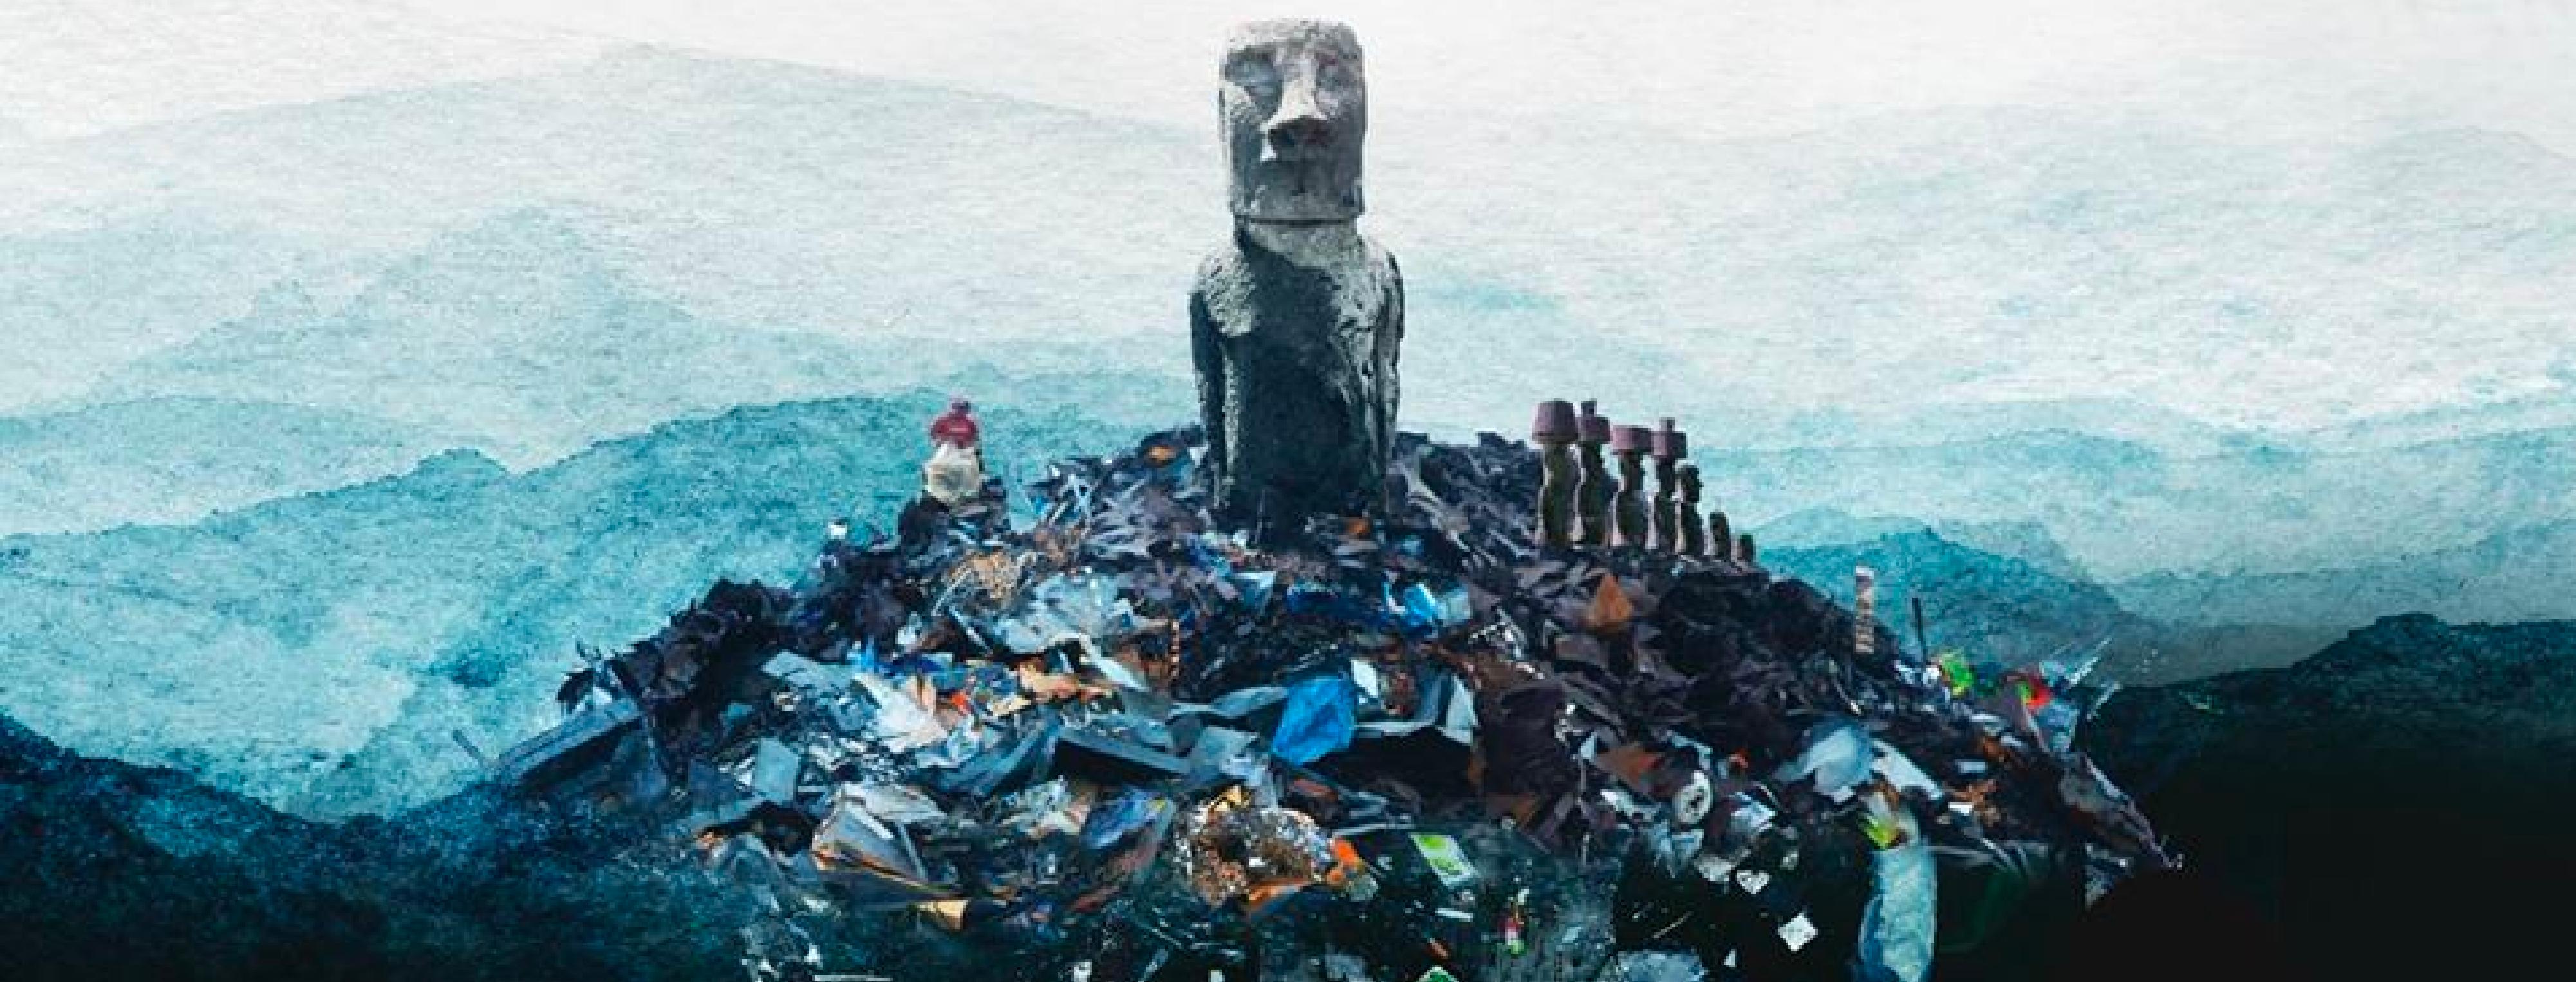 En la imagen se puede ver un moái sobre un cerro de basura en Isla de Pascua